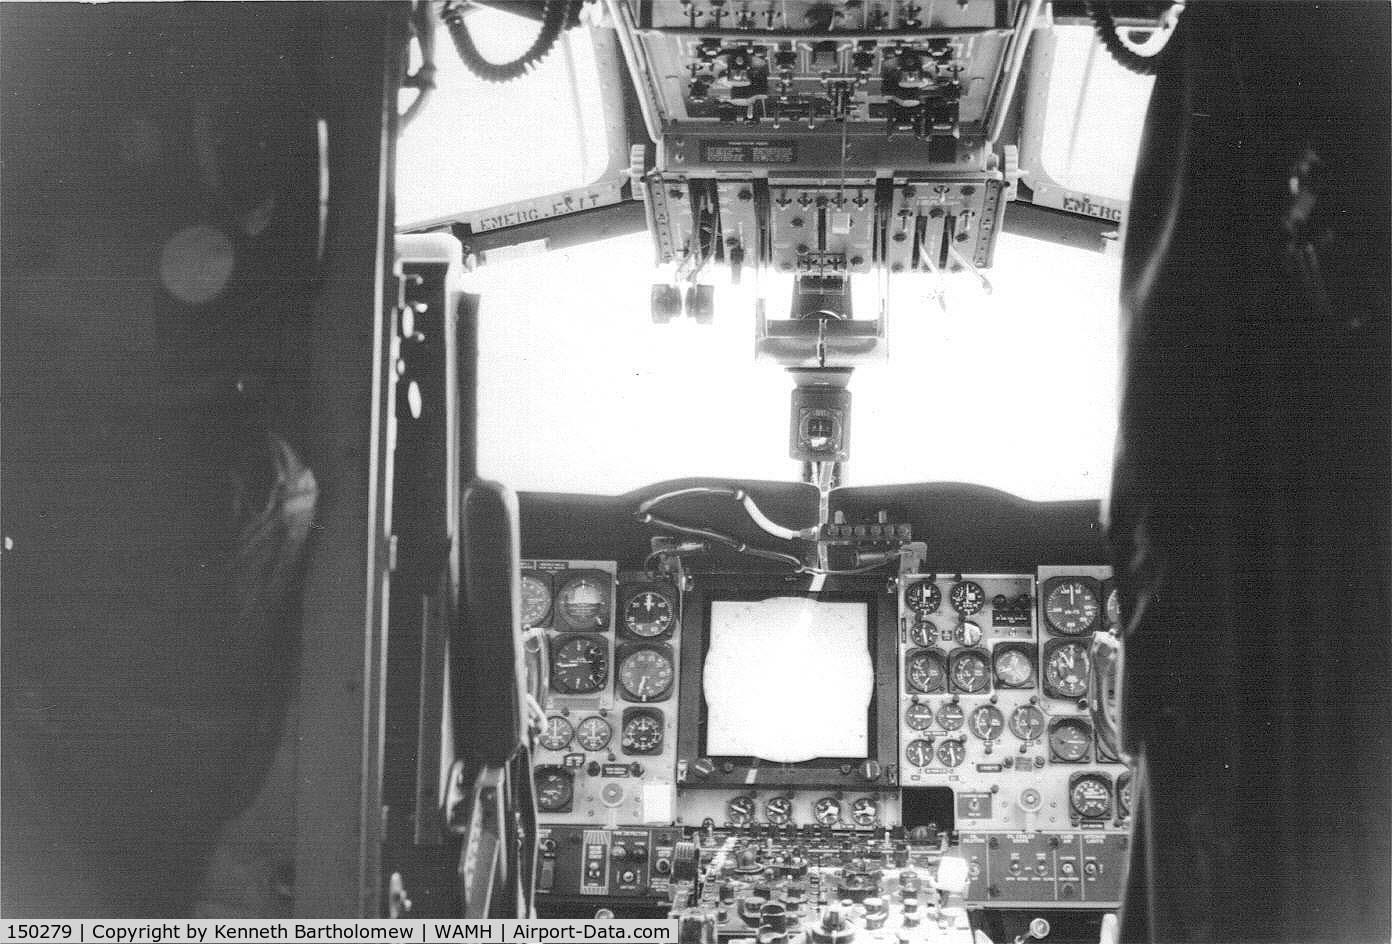 150279, Lockheed SP-2H Neptune C/N 726-7282, Cockpit 150279 in Naha - VP-4